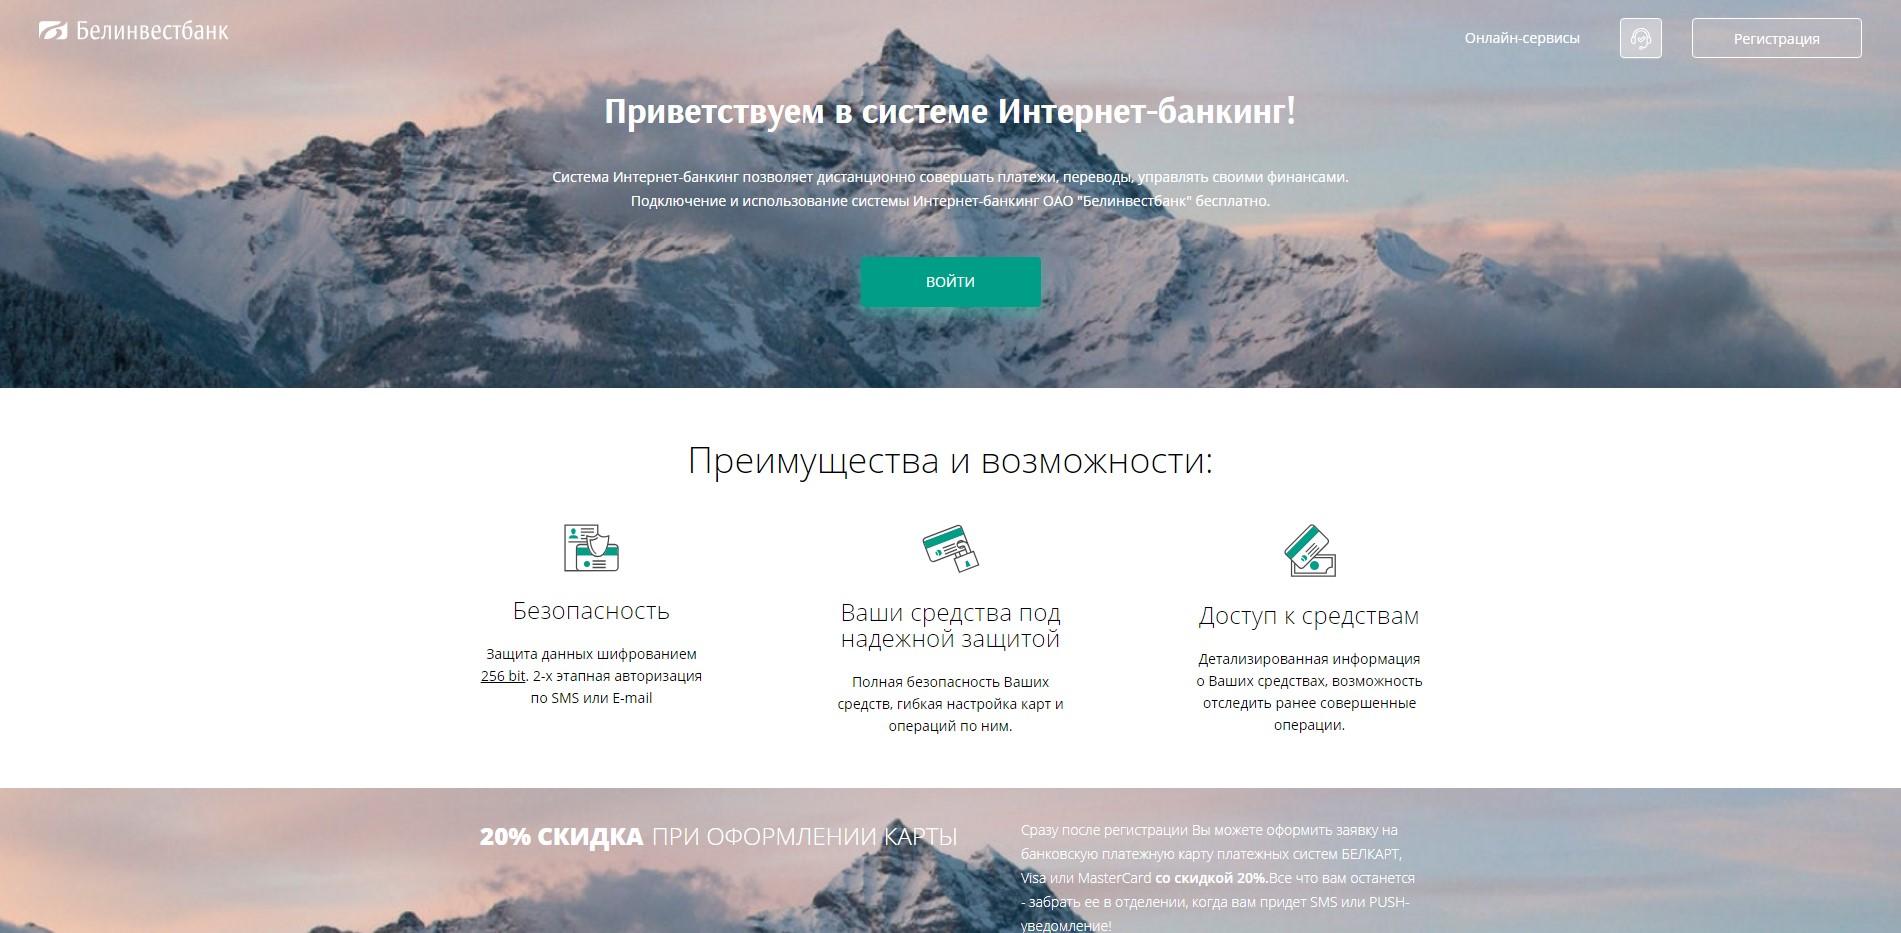 Интернет-банк Белинвестбанка